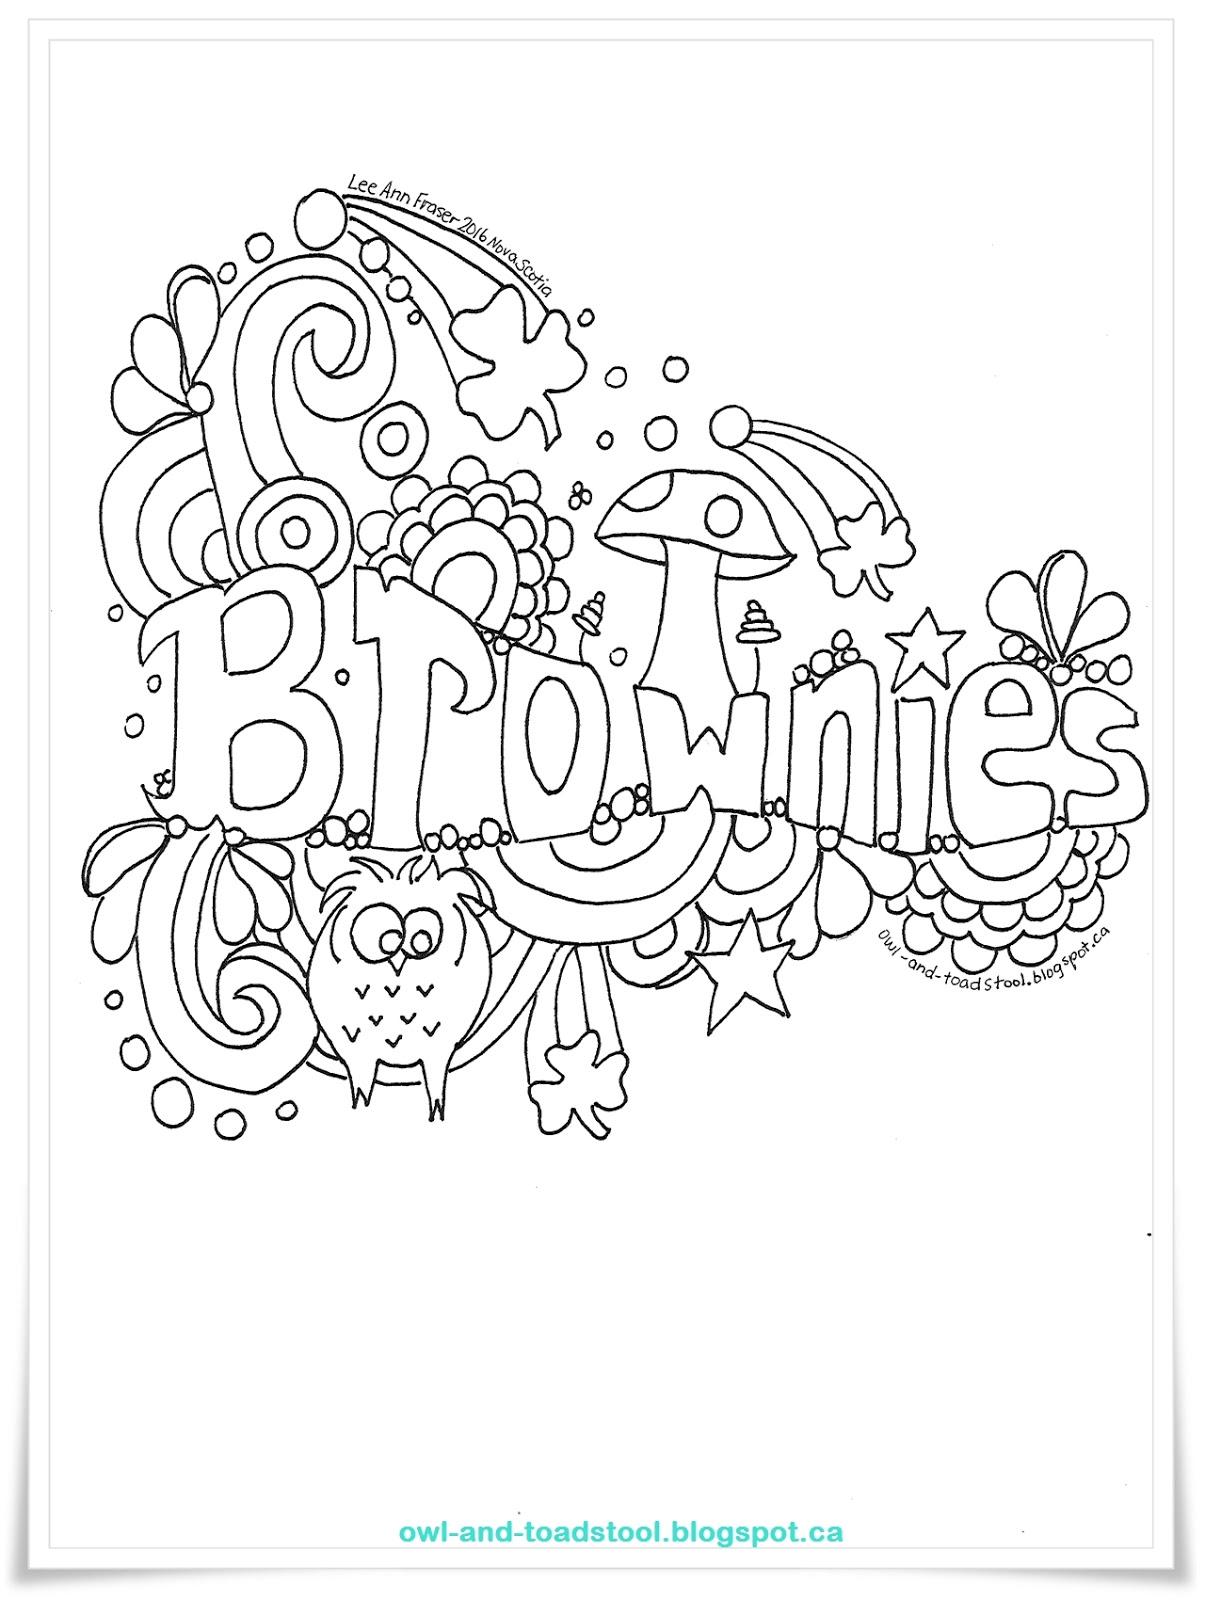 owl amp toadstool doodle  brownies